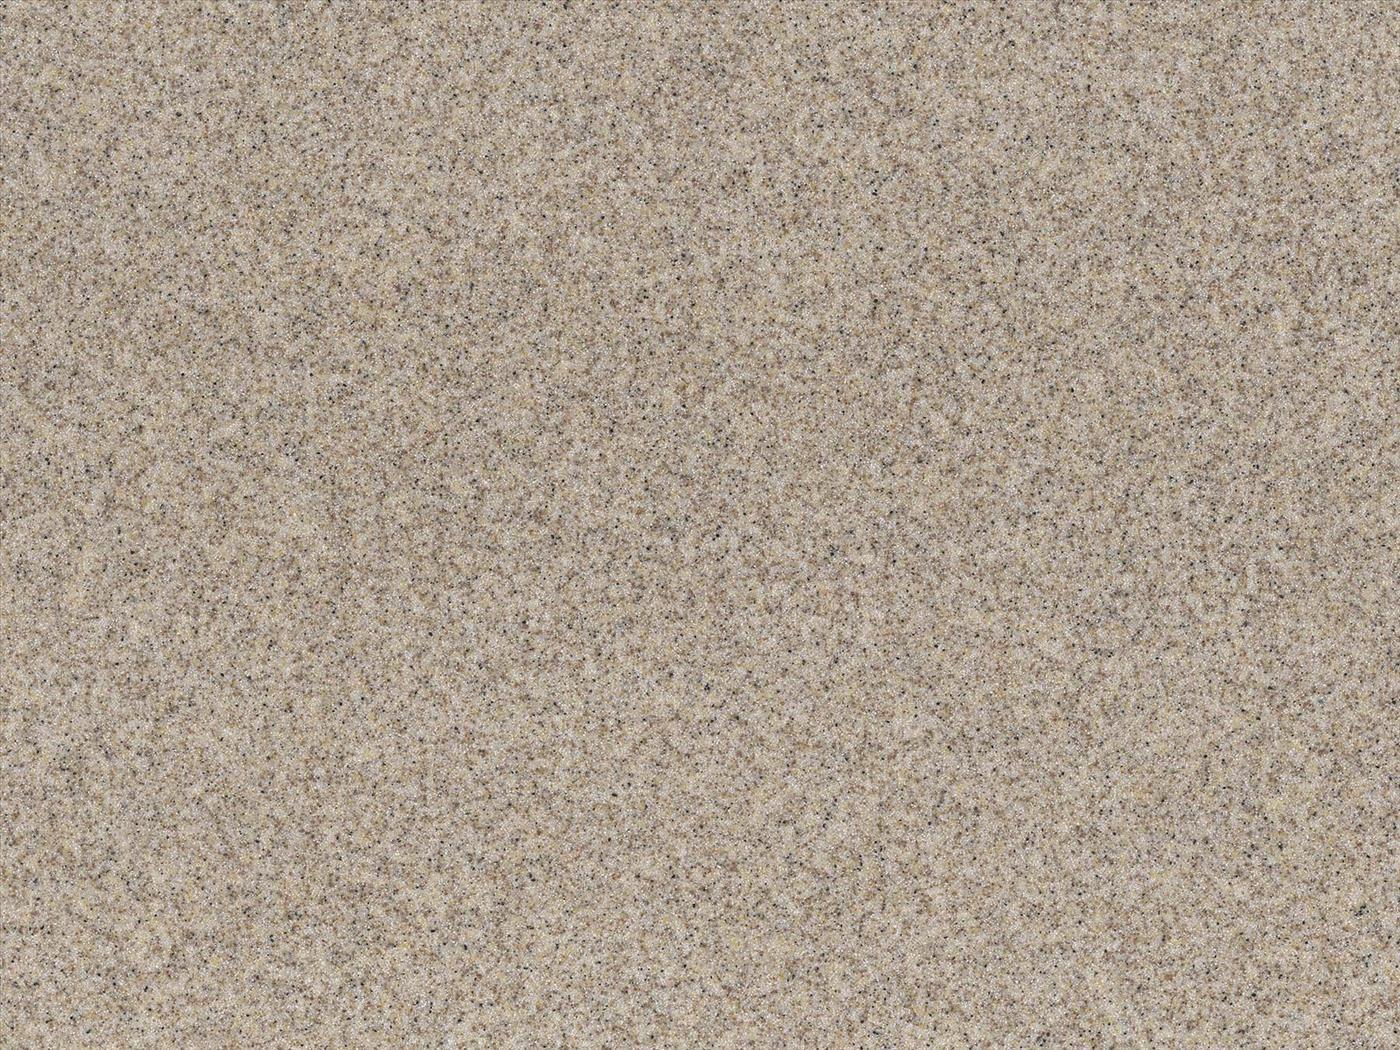 קוריאן sandstone